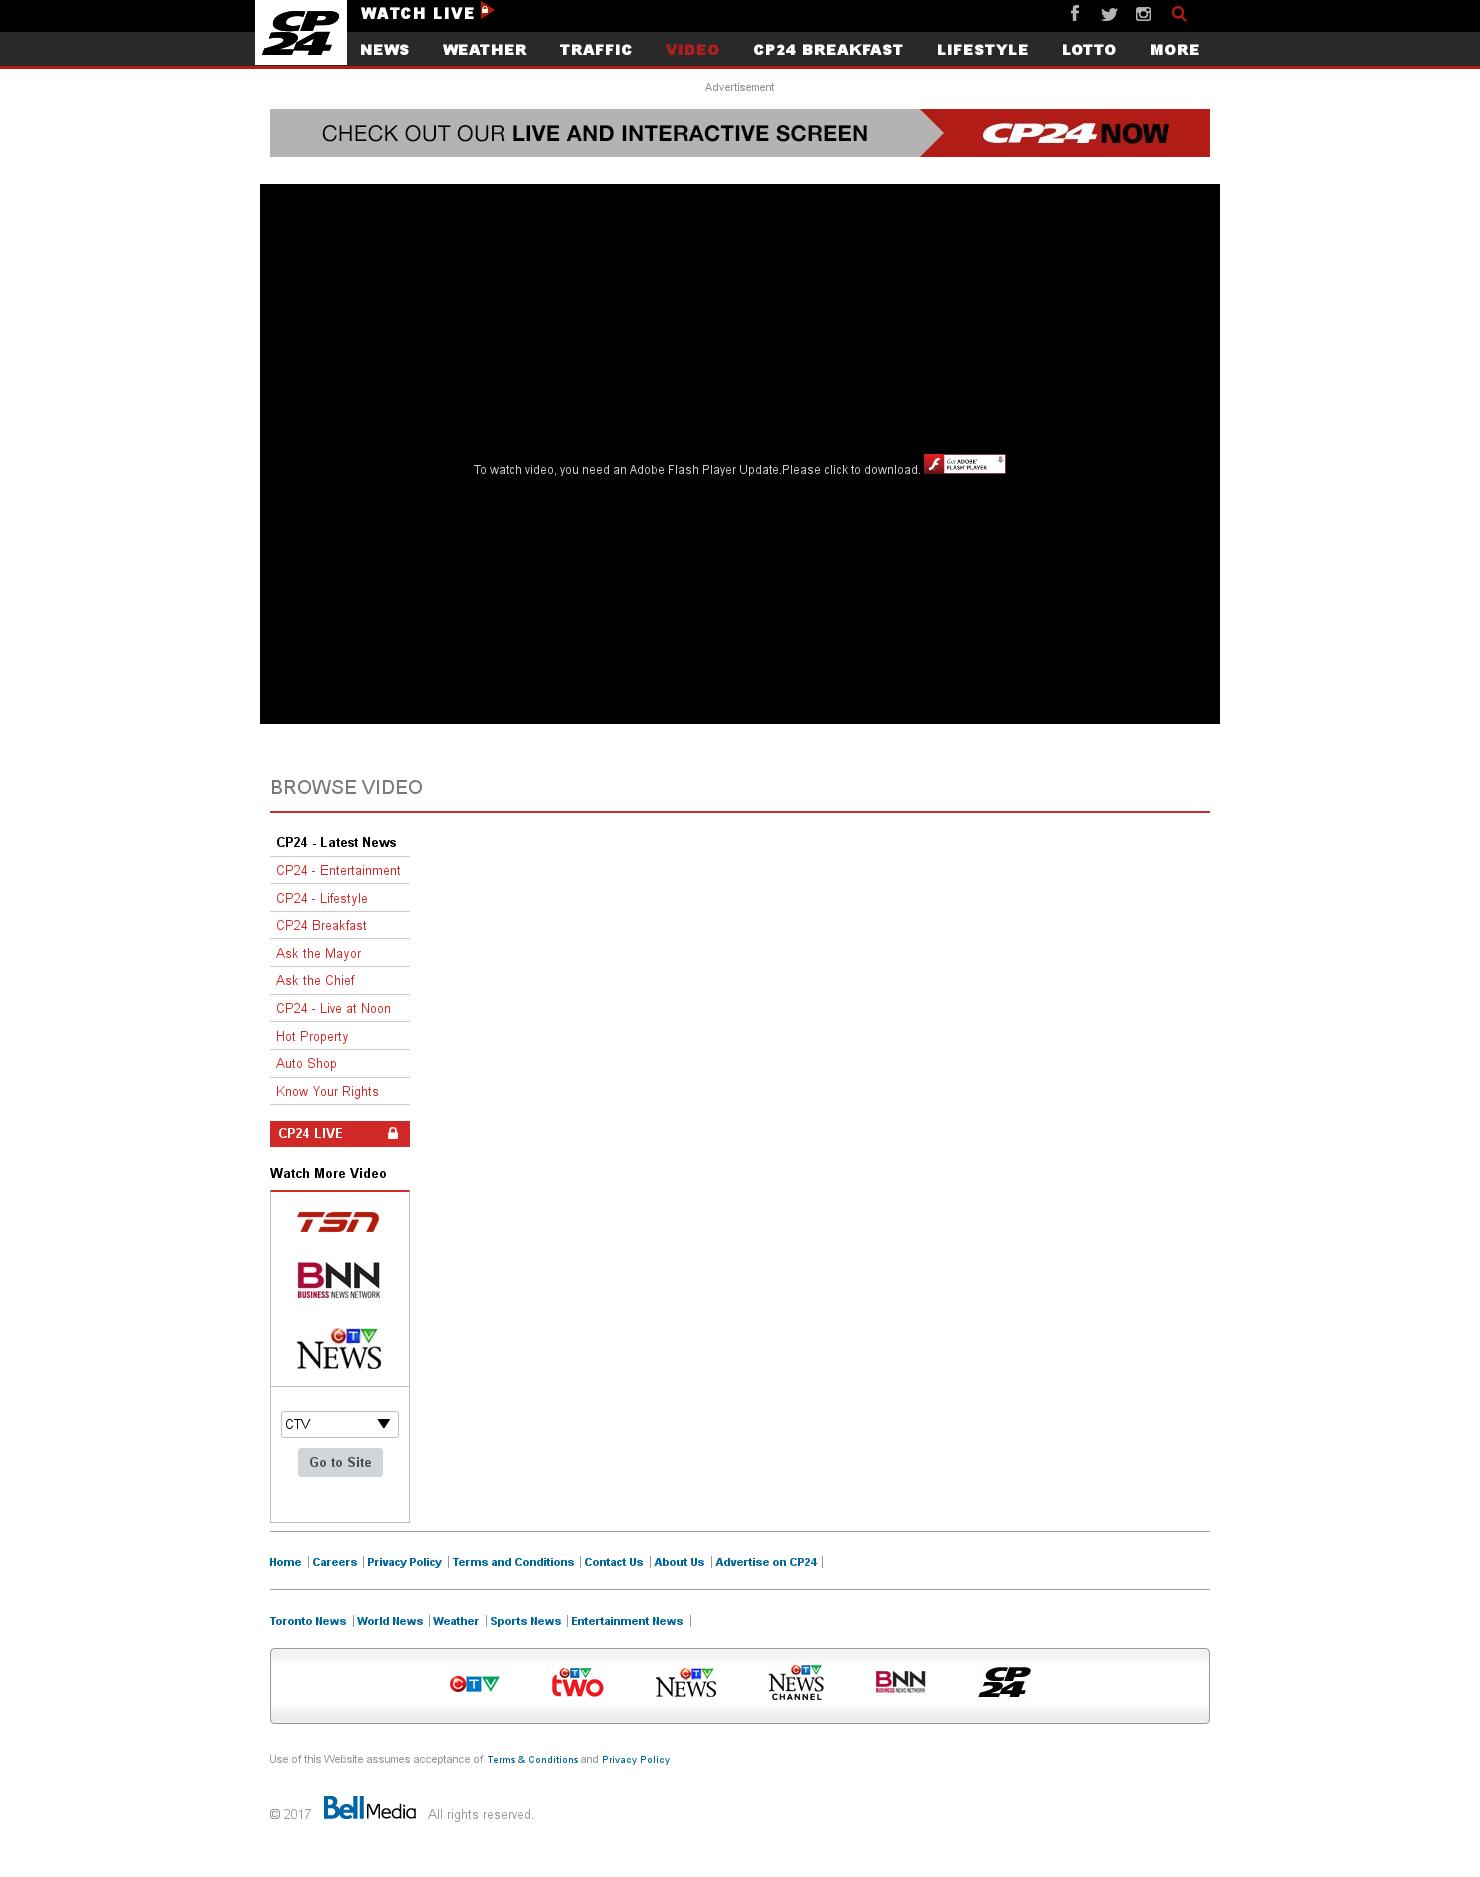 A3d0baef ff27 4743 a193 b001ba94700f 1501640575 screenshot